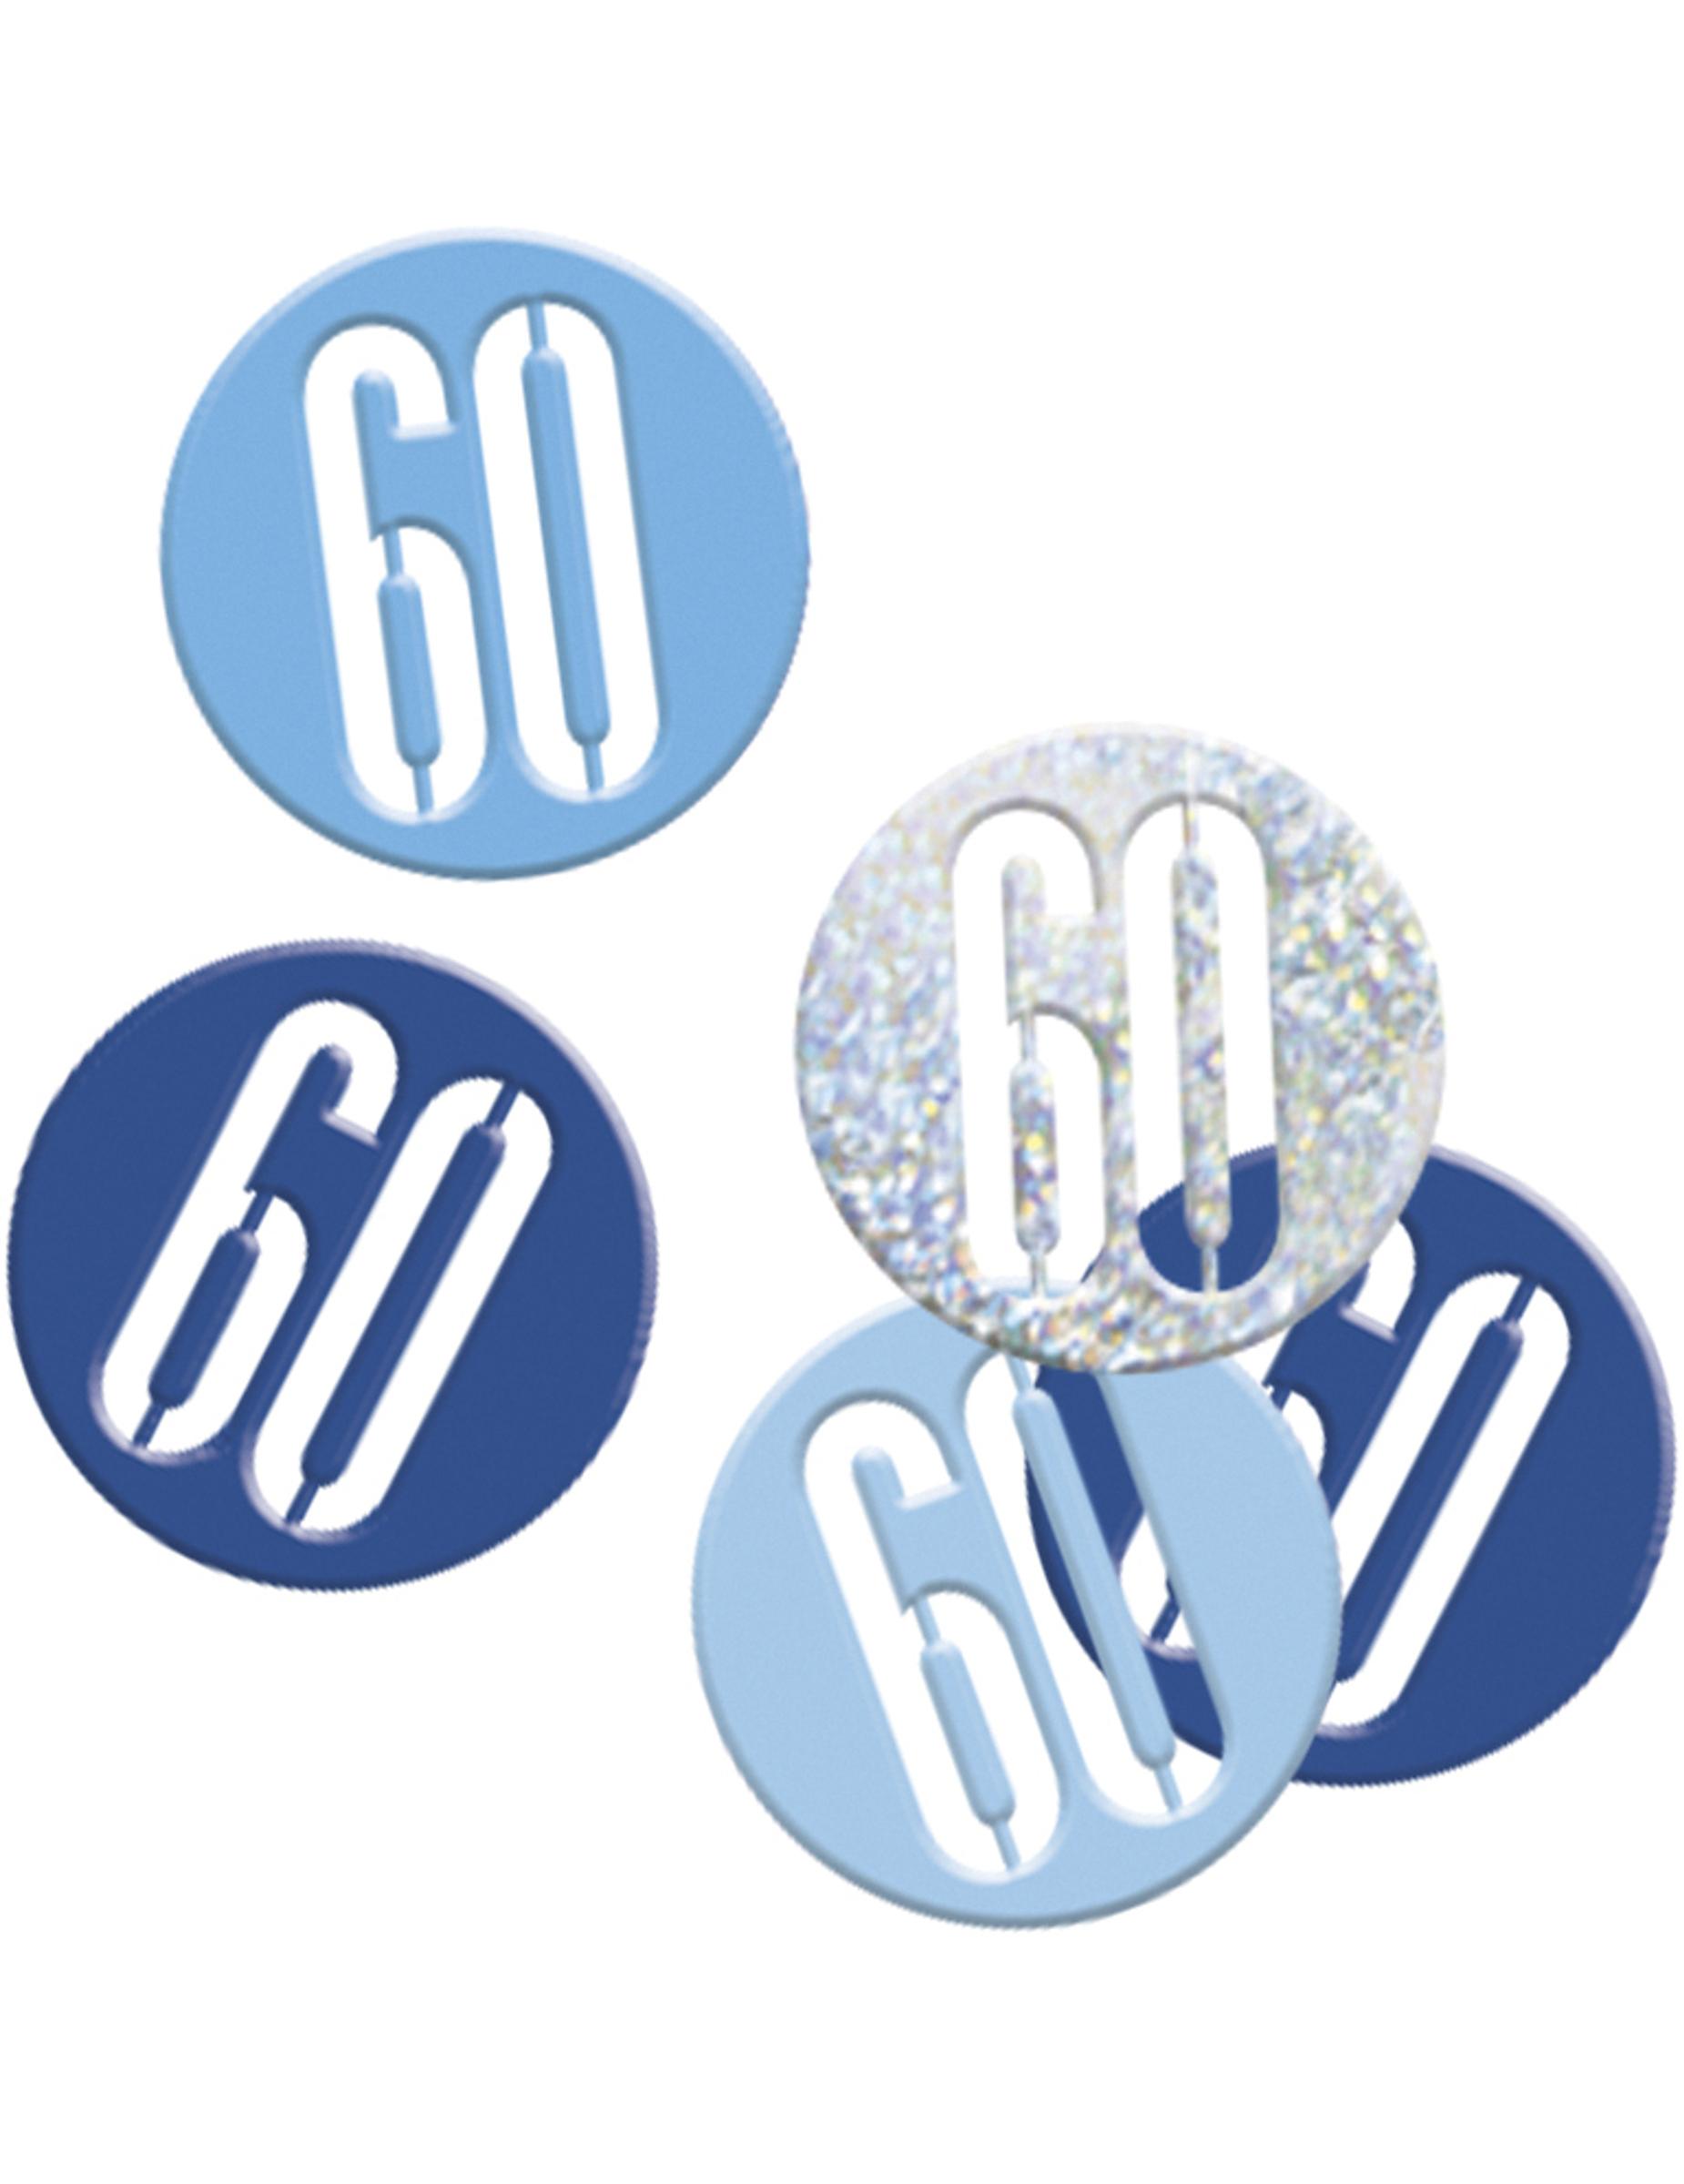 Confetti 60 jaar blauw en grijs decoratie en goedkope for Decoratie 60 jaar